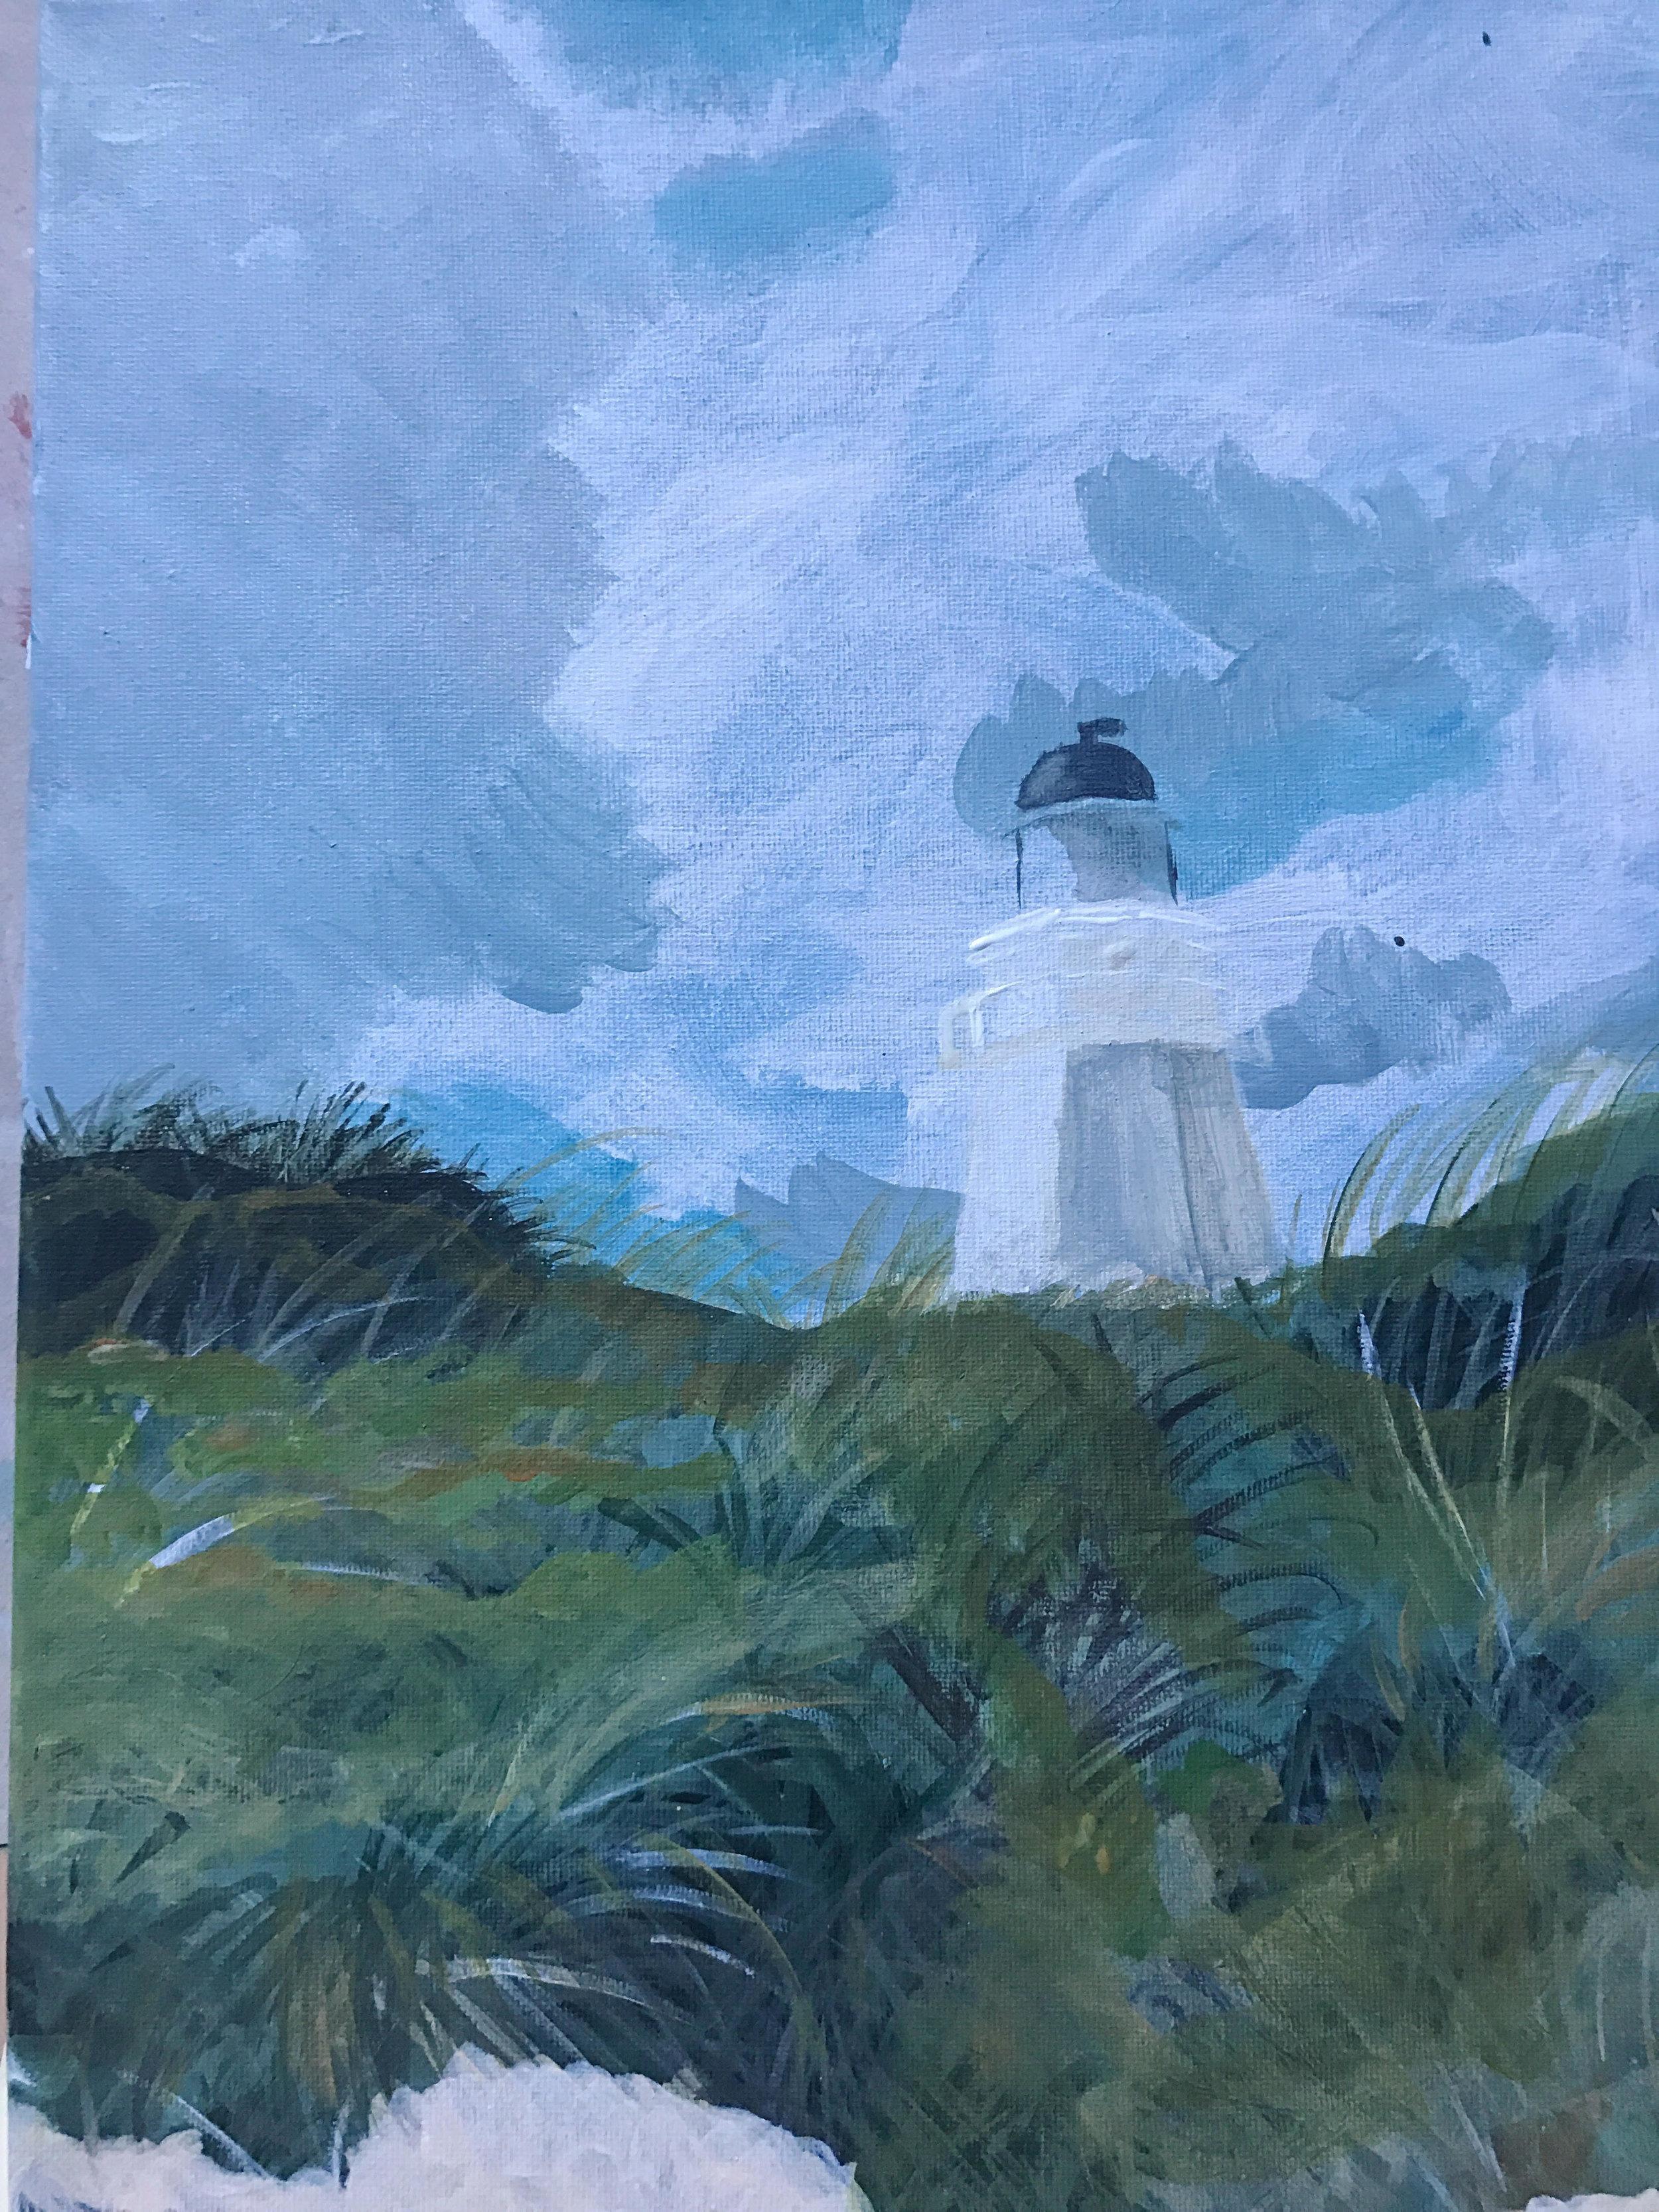 painting2-mossjournal.jpg